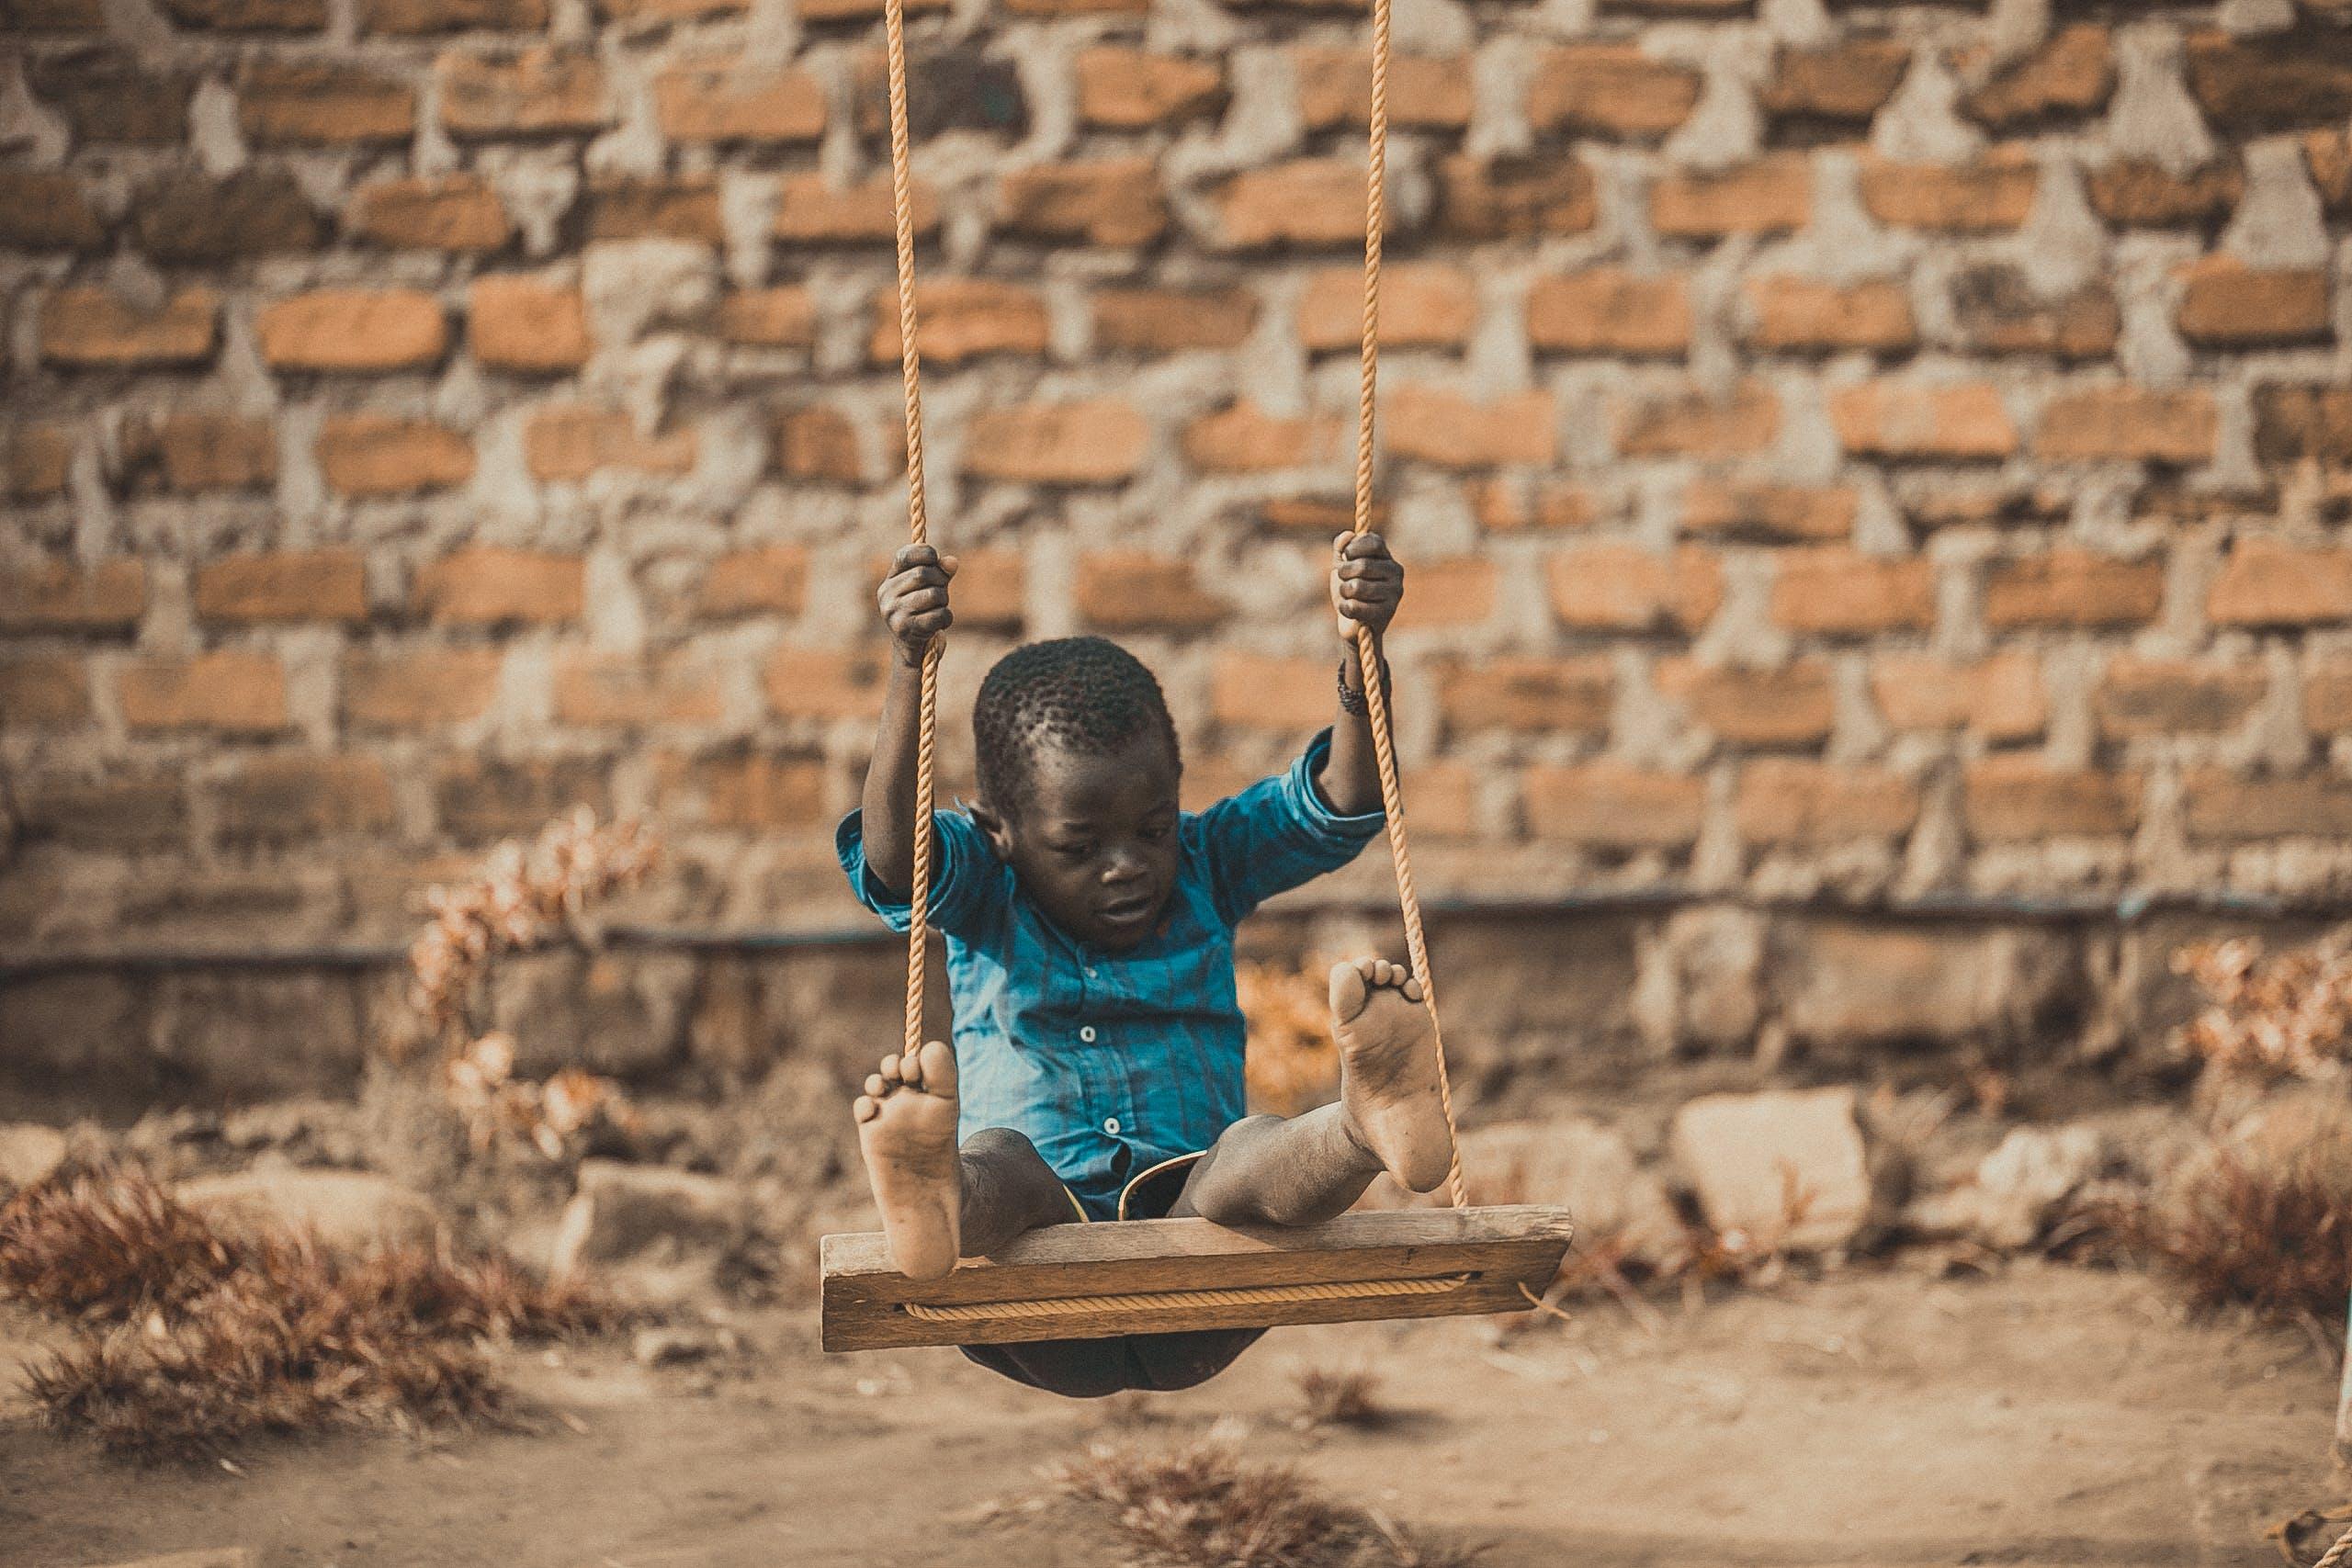 Gratis stockfoto met Afrika, Afrikaanse jongen, bakstenen muur, blijdschap